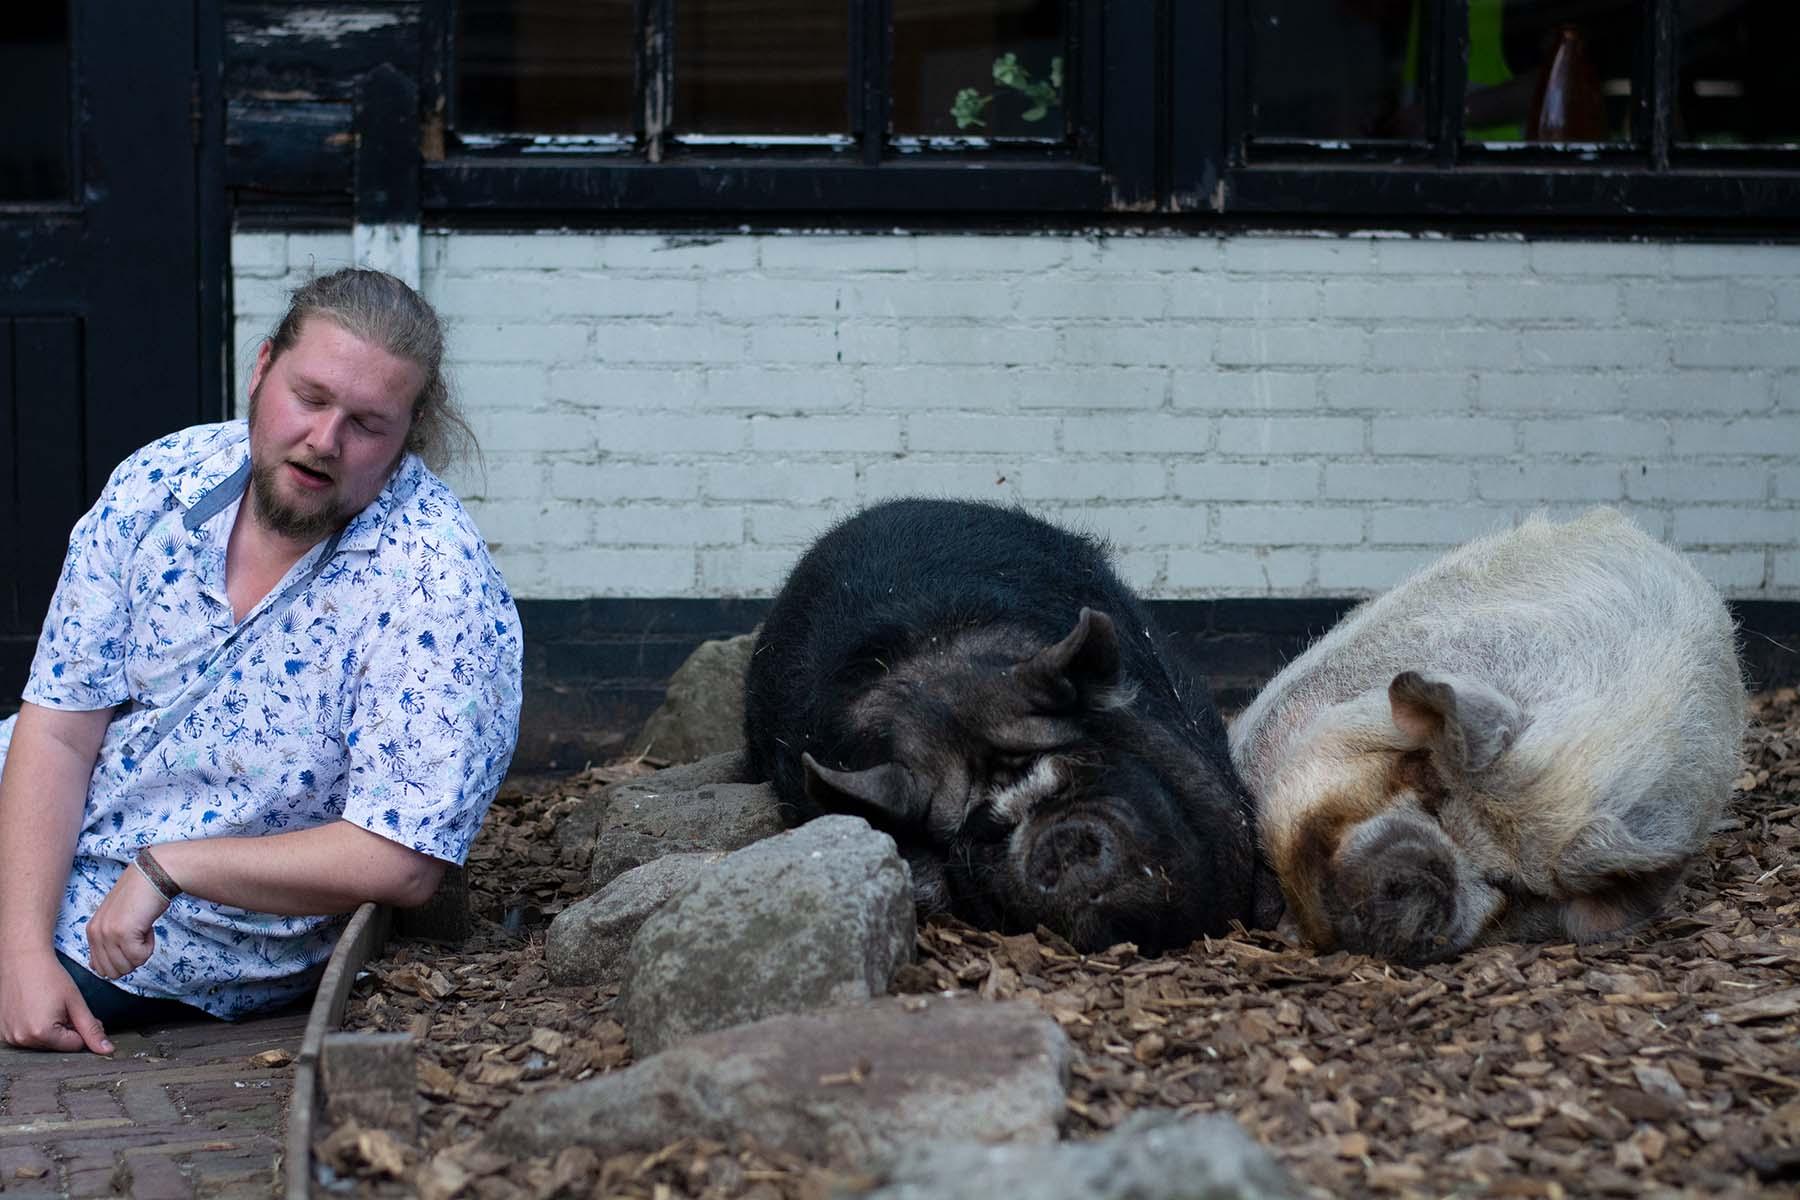 Soms moet je gewoon met de varkentjes slapen. Dat doet Frank op de foto hier.